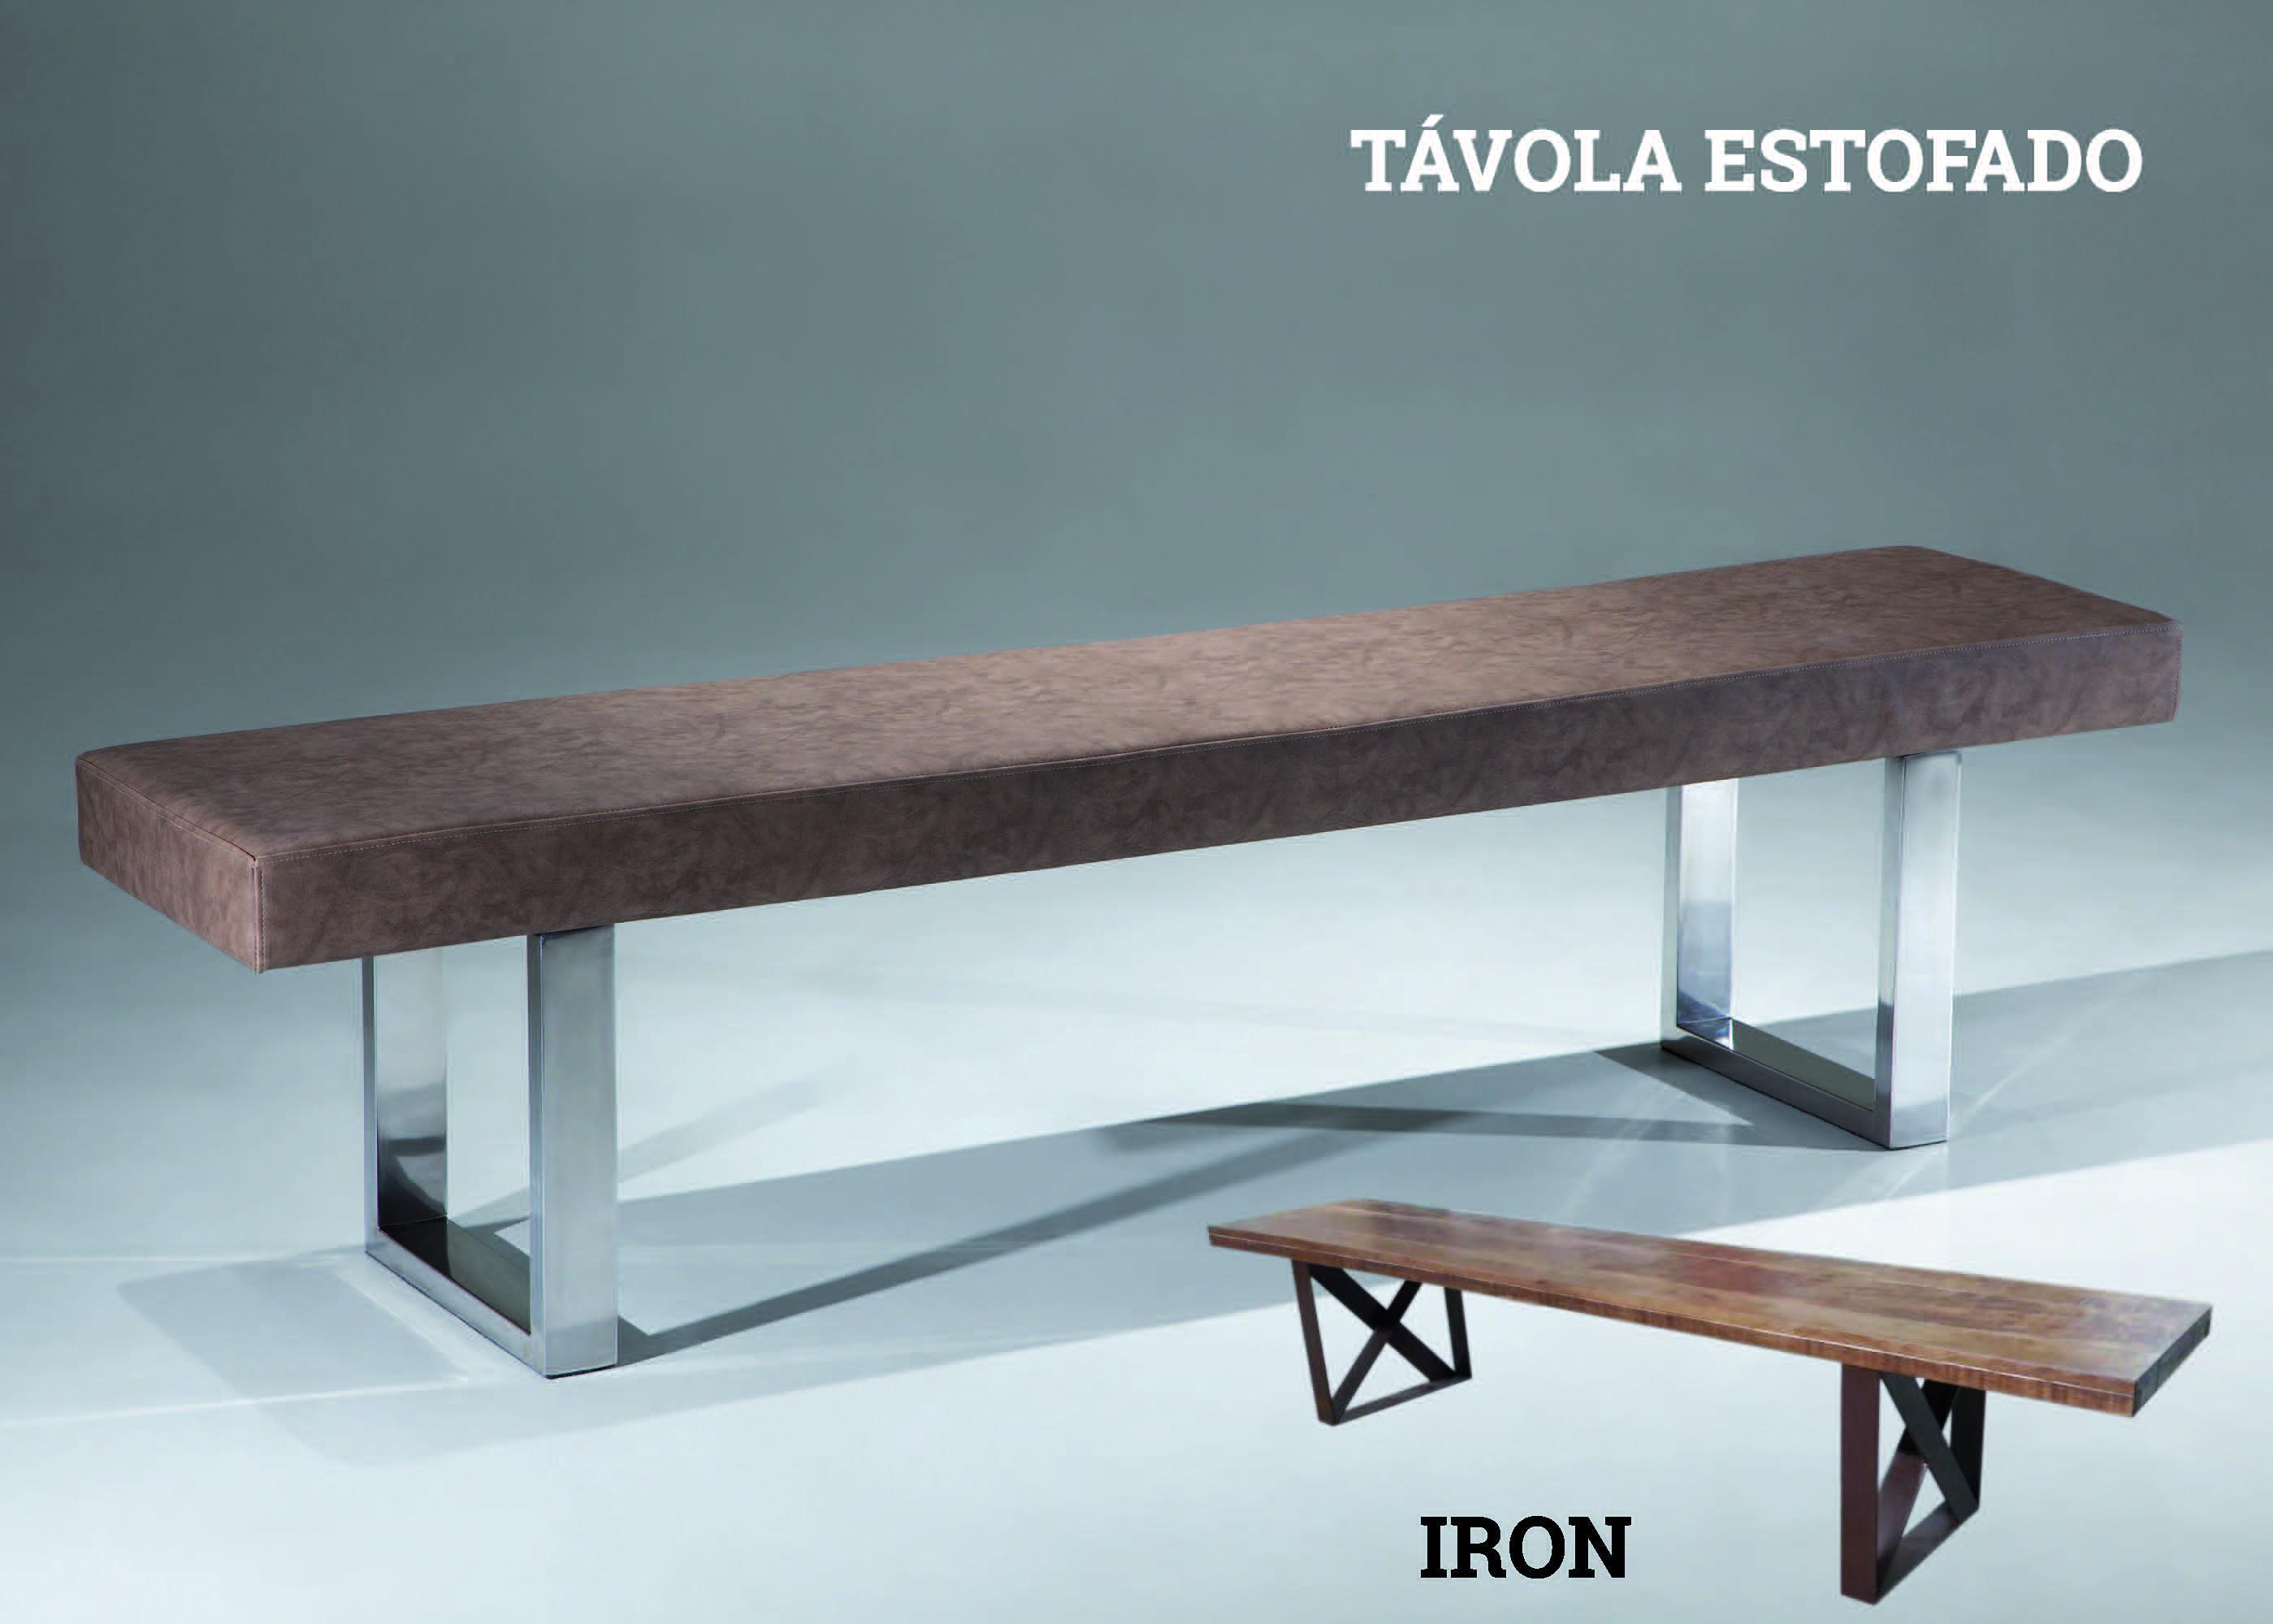 Banco Tavola Estofado e Iron